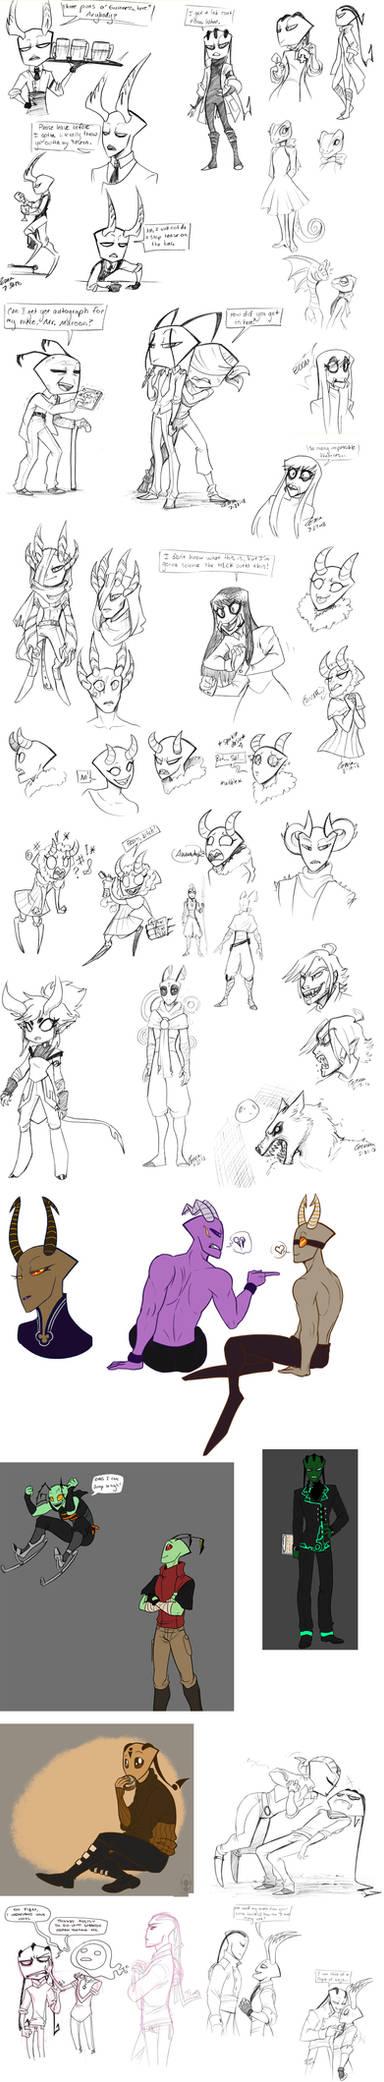 Sketchdump--Bartenders, Werewolves and Old People